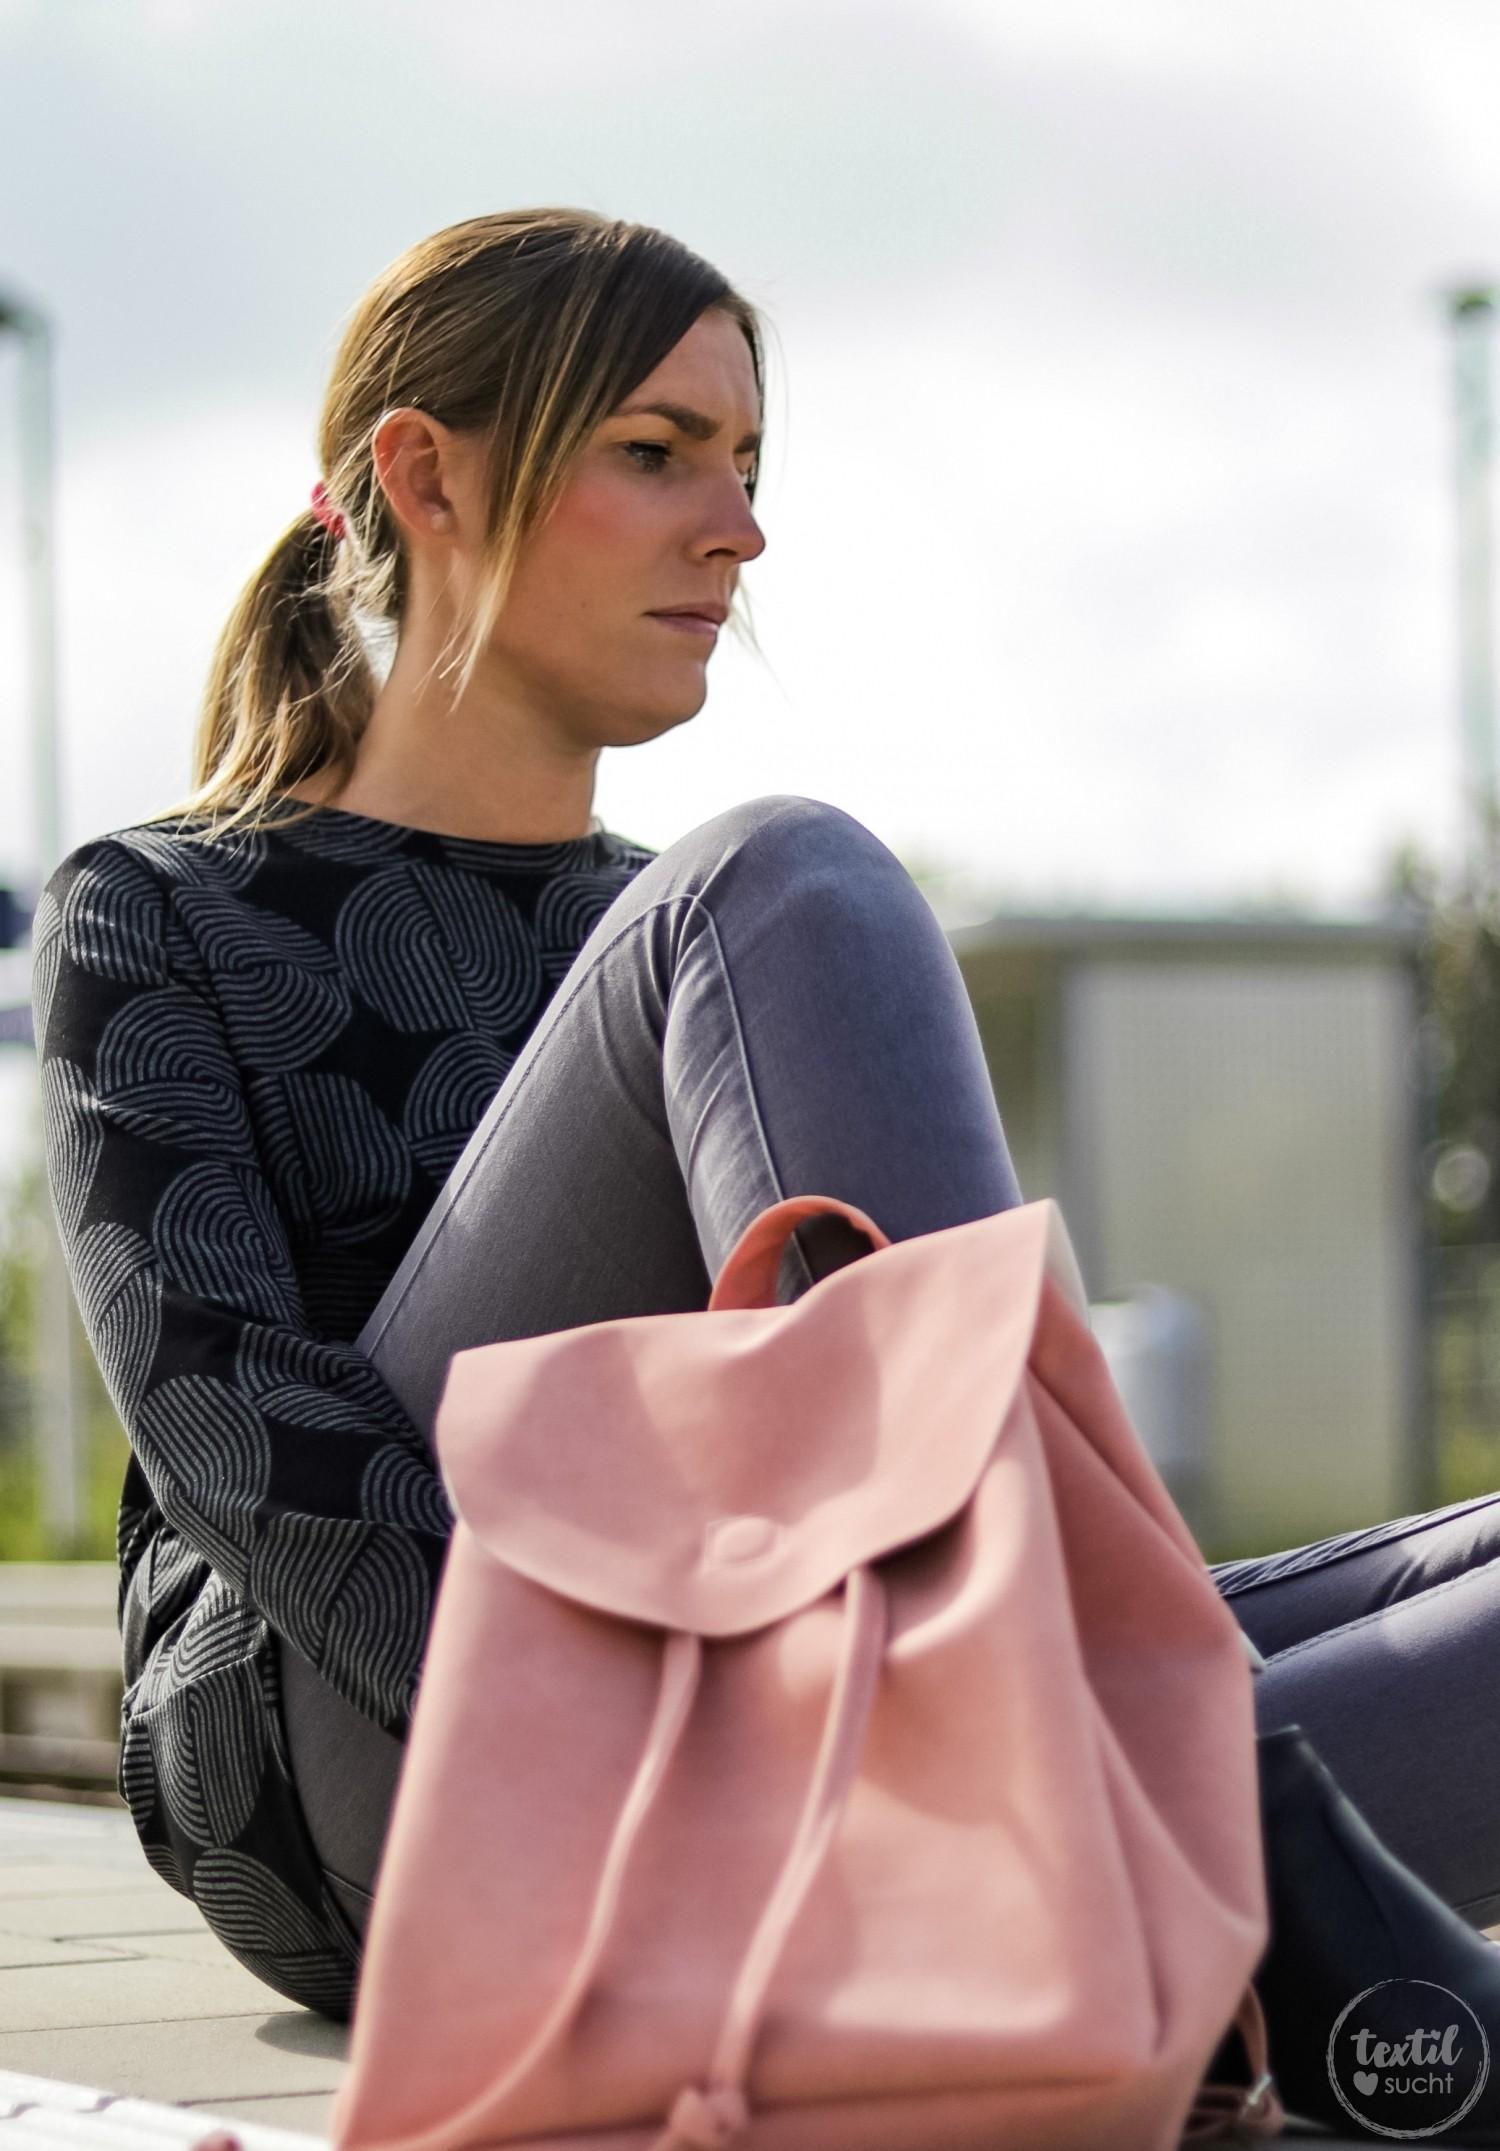 Mein erster selbstgenähter Rucksack aus Kunstleder von Snaply | textilsucht.de